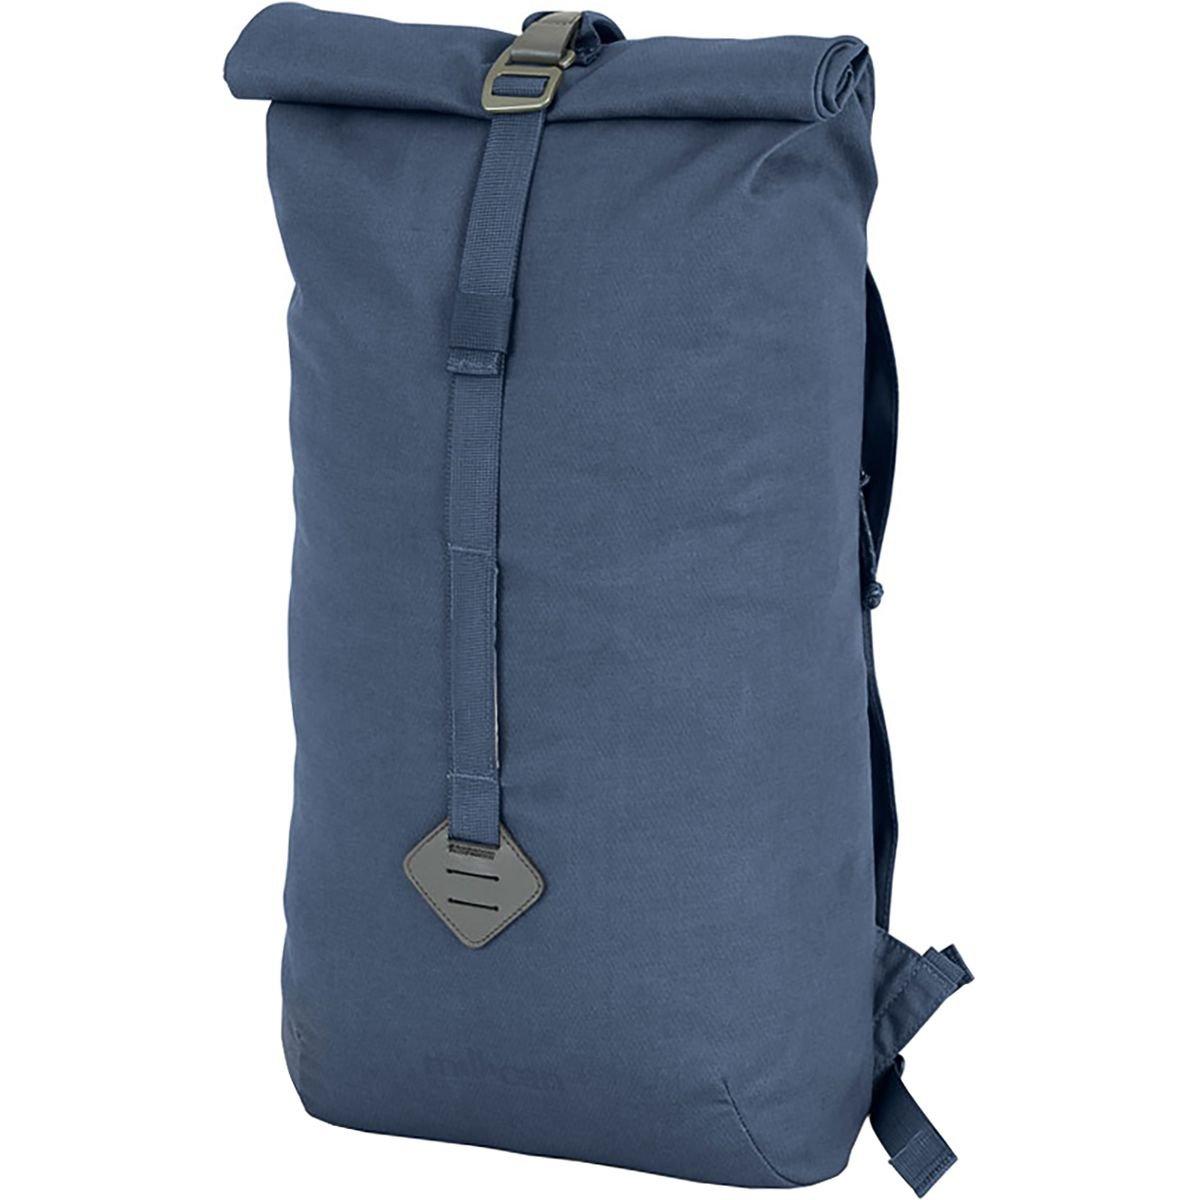 [ミリカン] メンズ バックパックリュックサック Smith Roll 18L Backpack [並行輸入品] No-Size  B07QRTWG4W